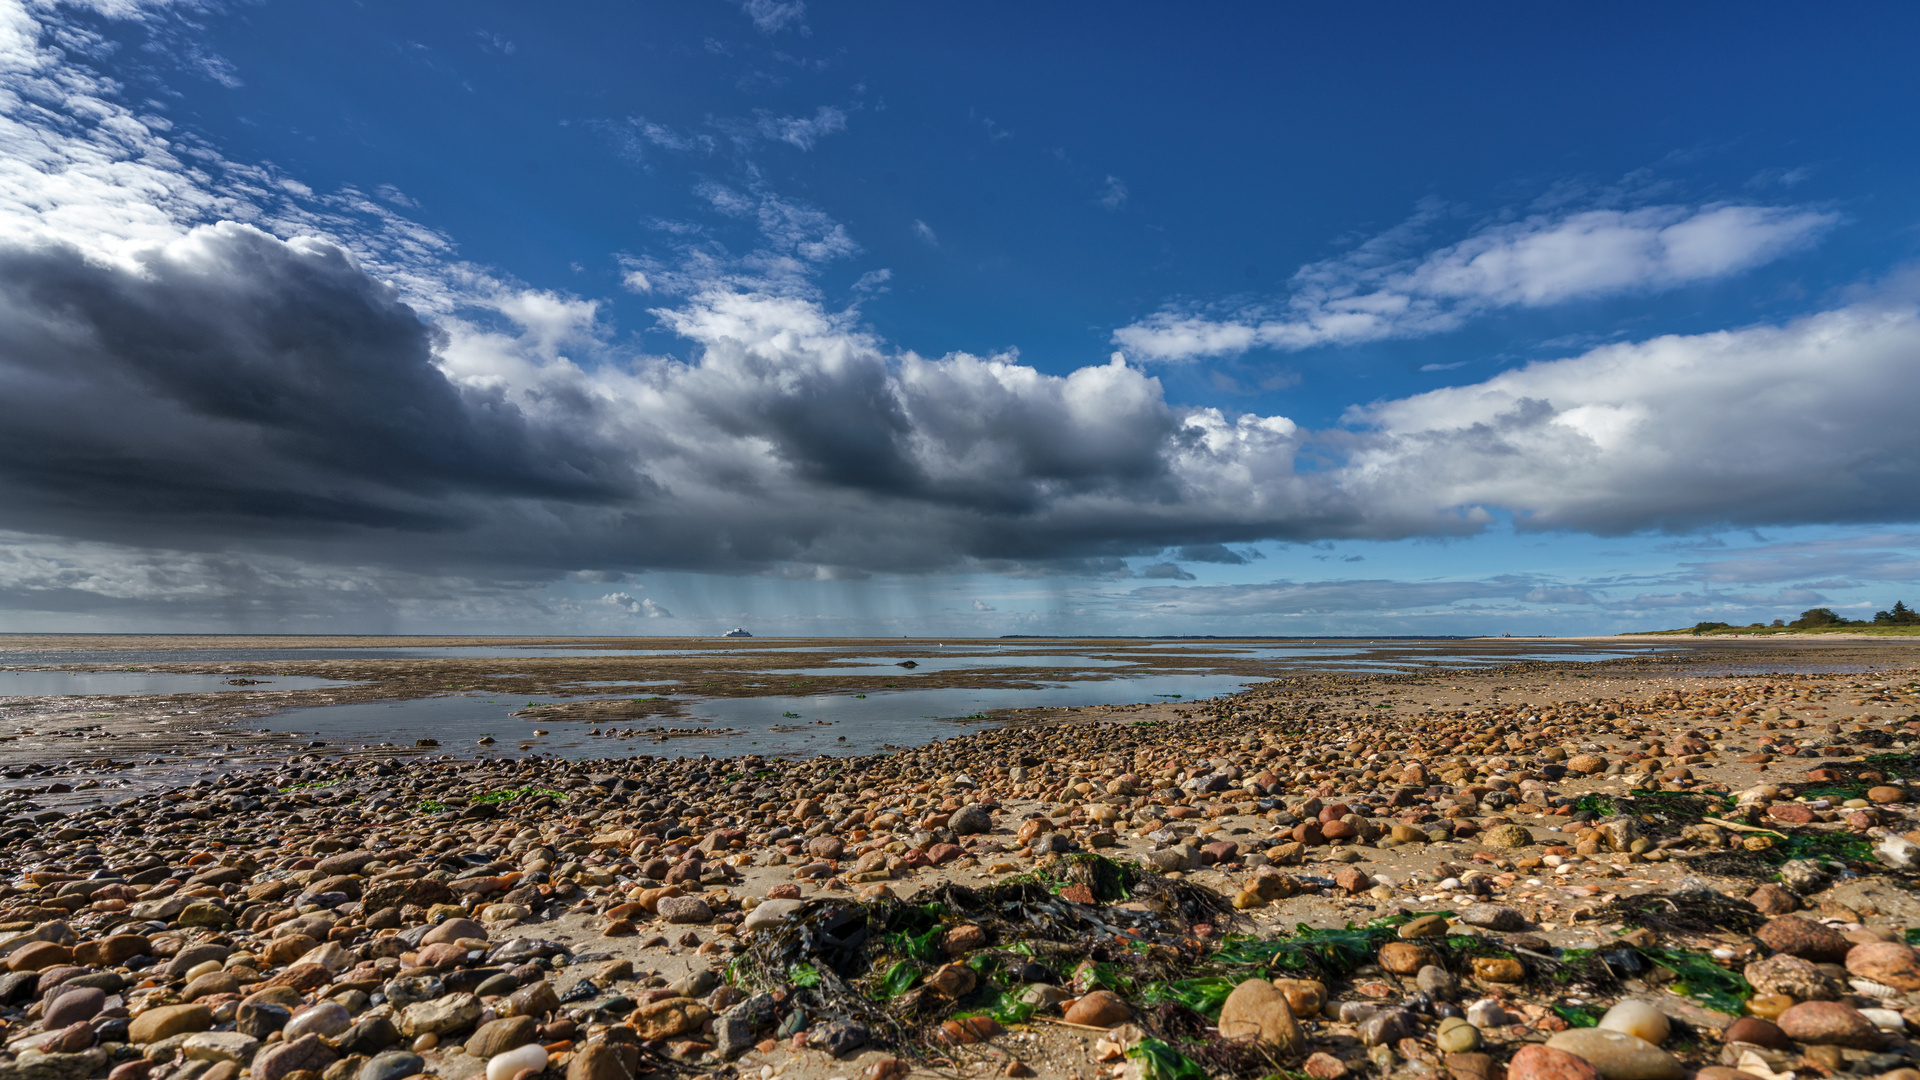 Sonne und Regen an der Küste von Föhr